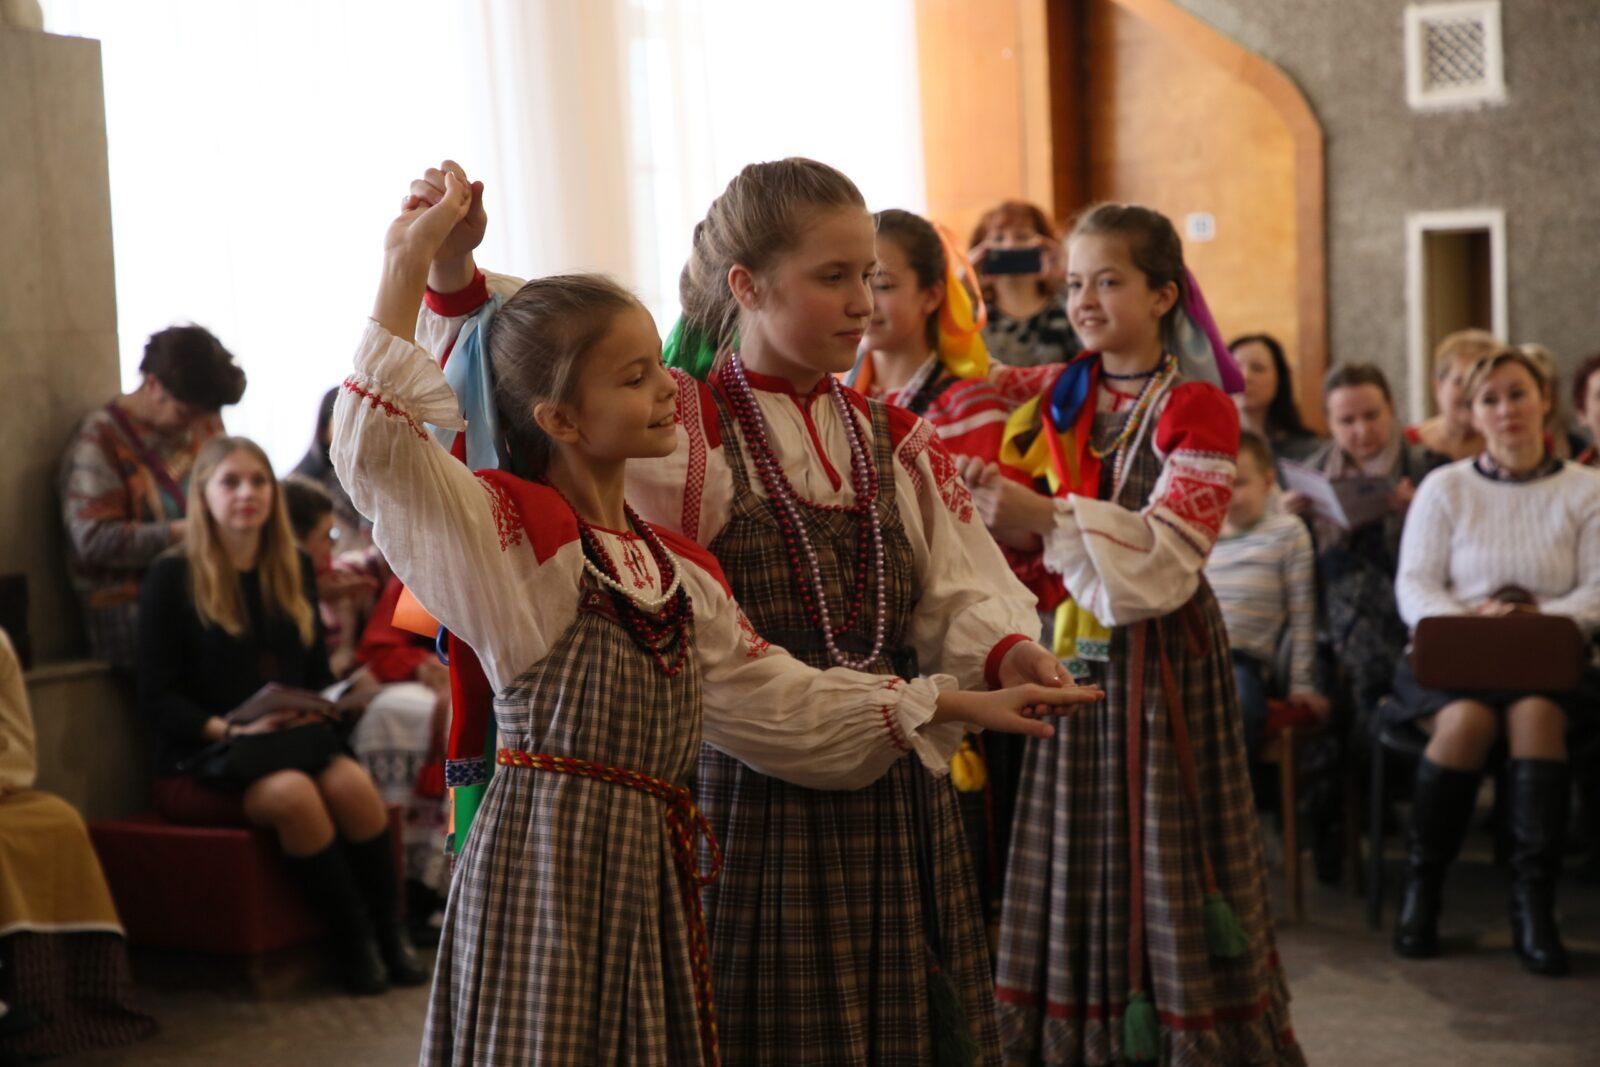 Топ-3 фотографий, снятых на этой неделе в Тверской области